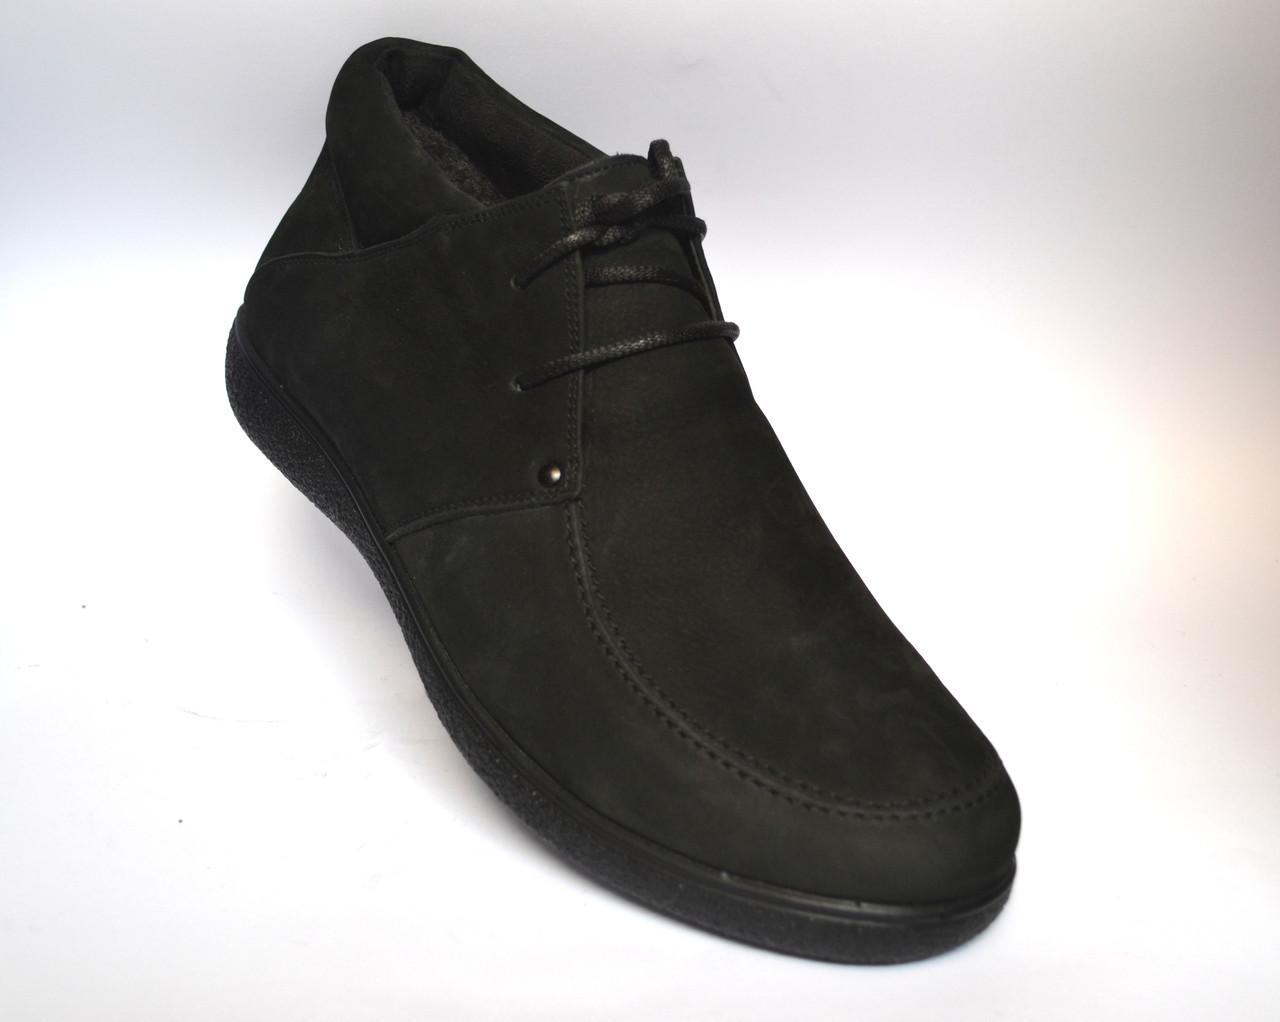 Большой размер кожаные зимние мужские ботинки мокасины натуральные Rosso Avangard Basemokas Nub BS нубук